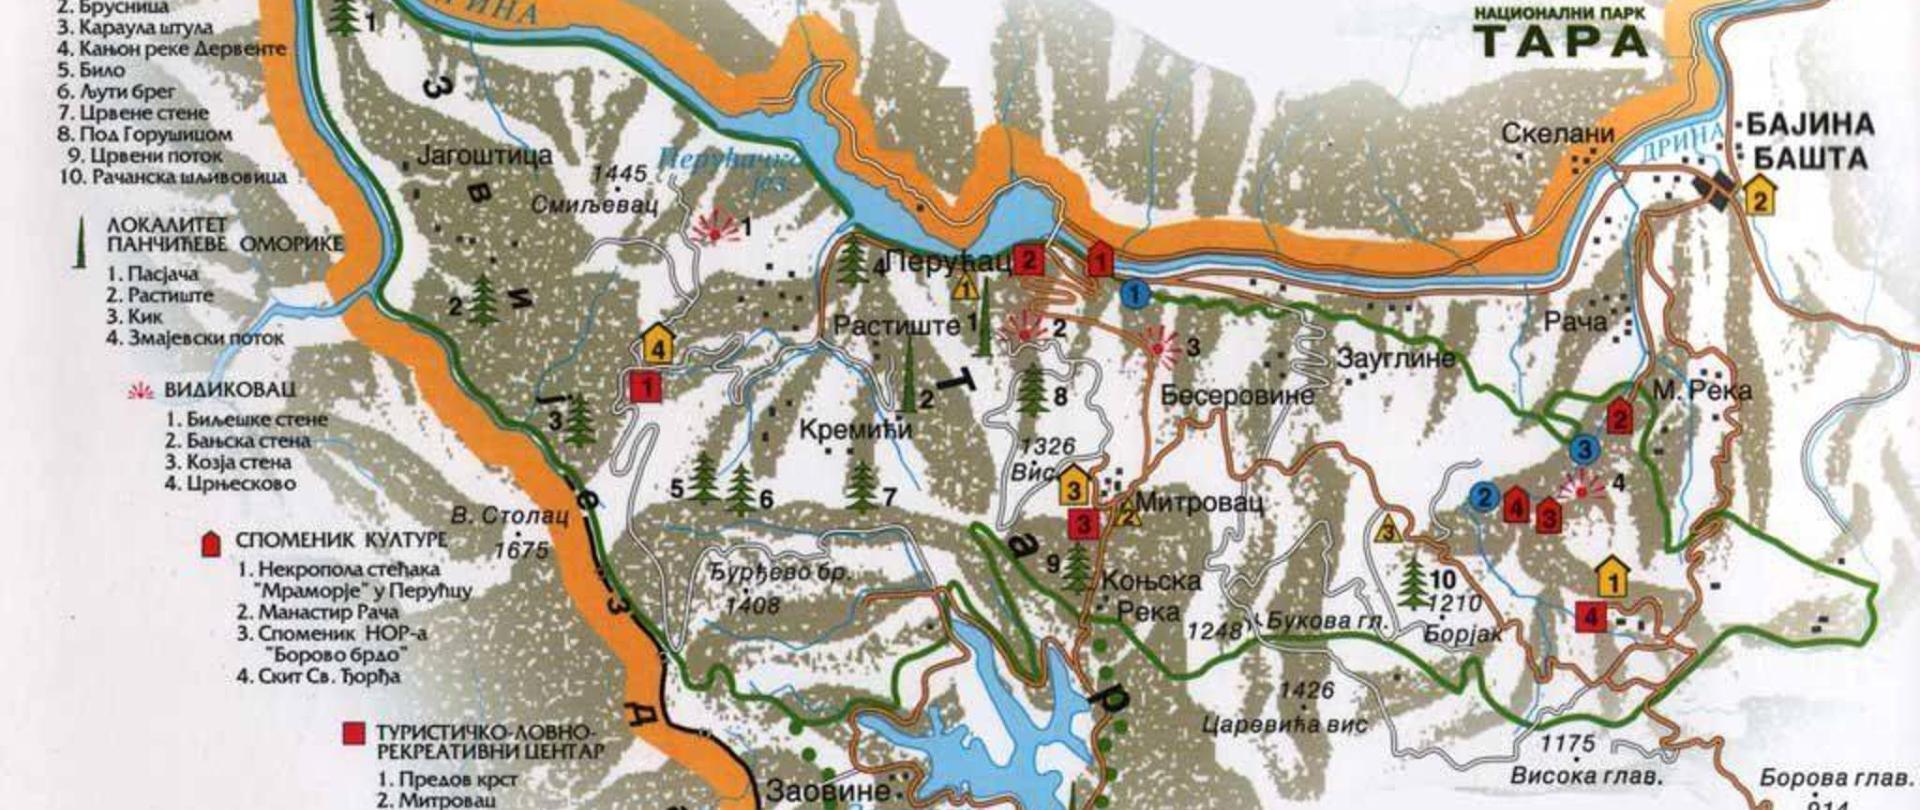 karta-tara-np.jpg